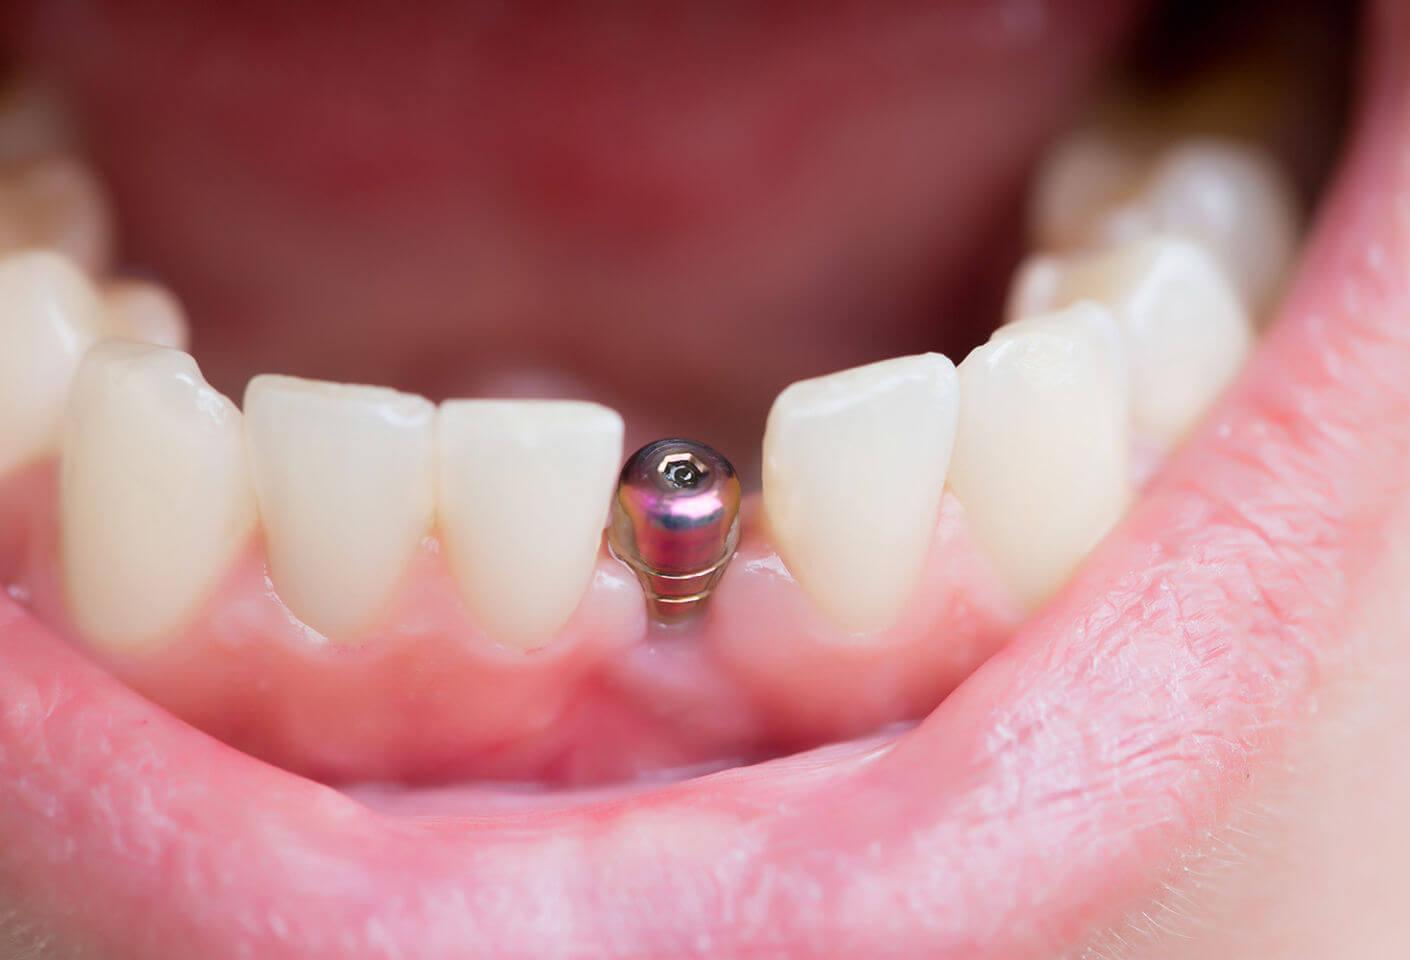 Крошение зубов в видении